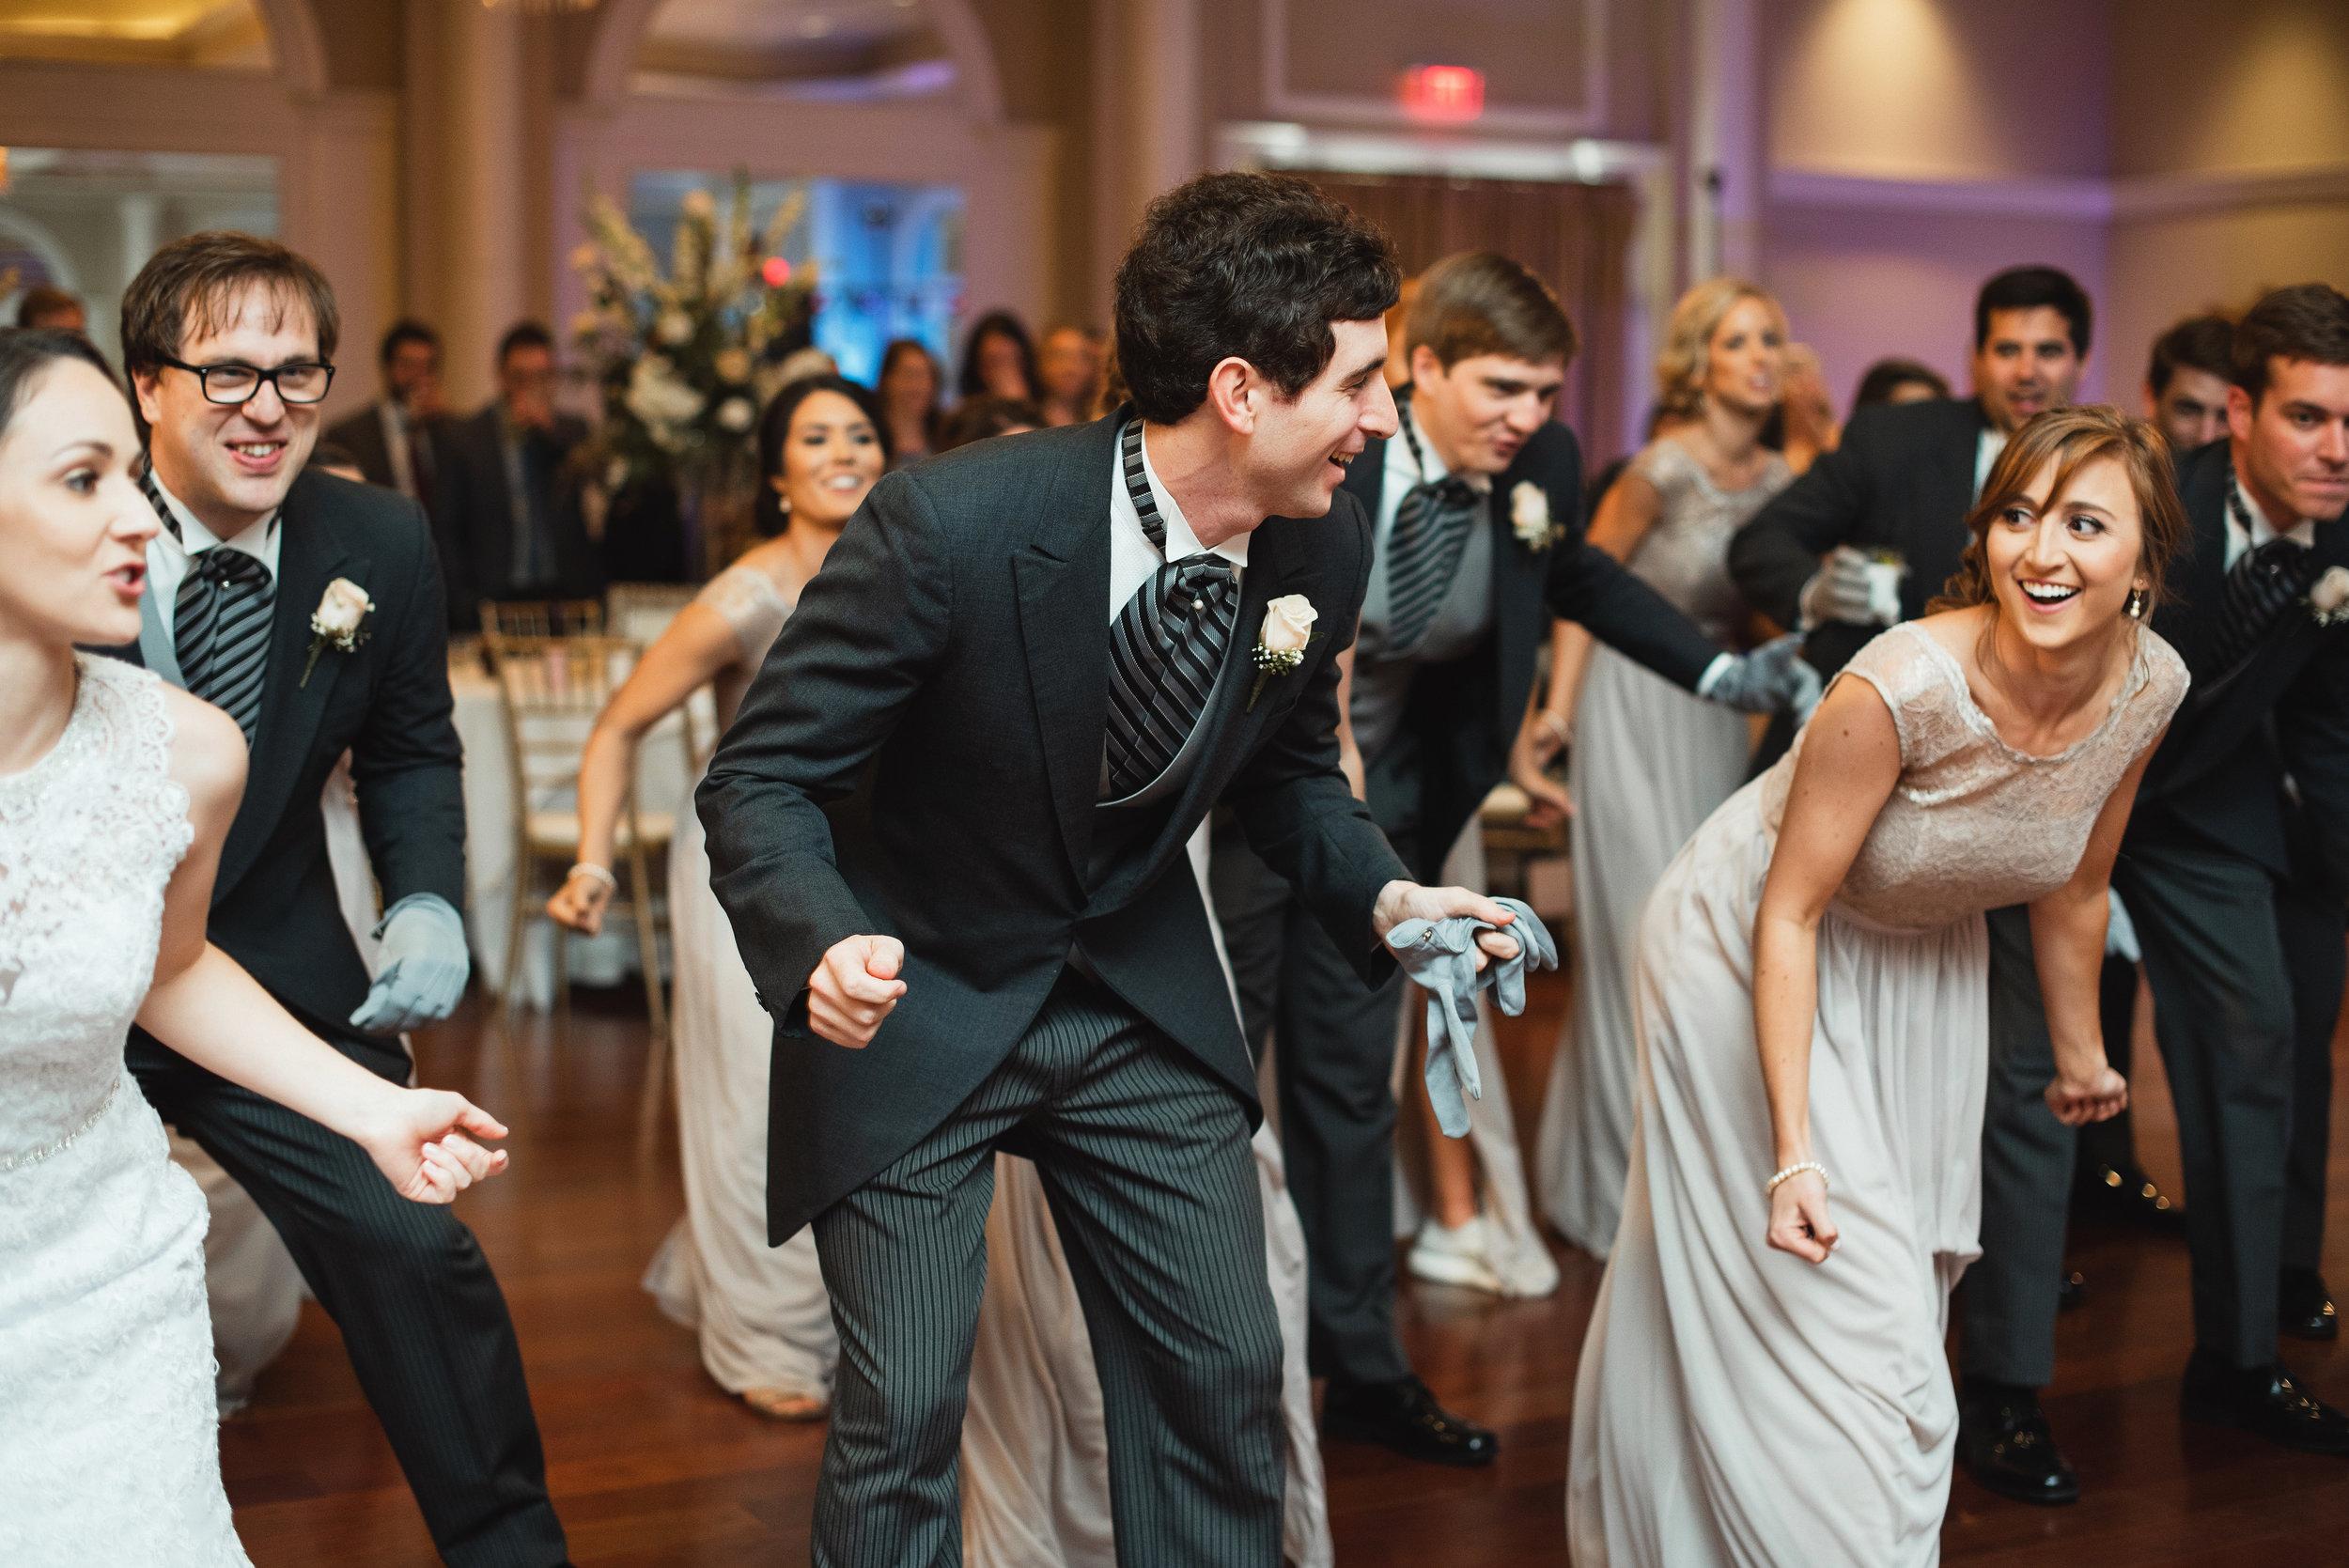 Ducote_Naccari_wedding_0628.jpg